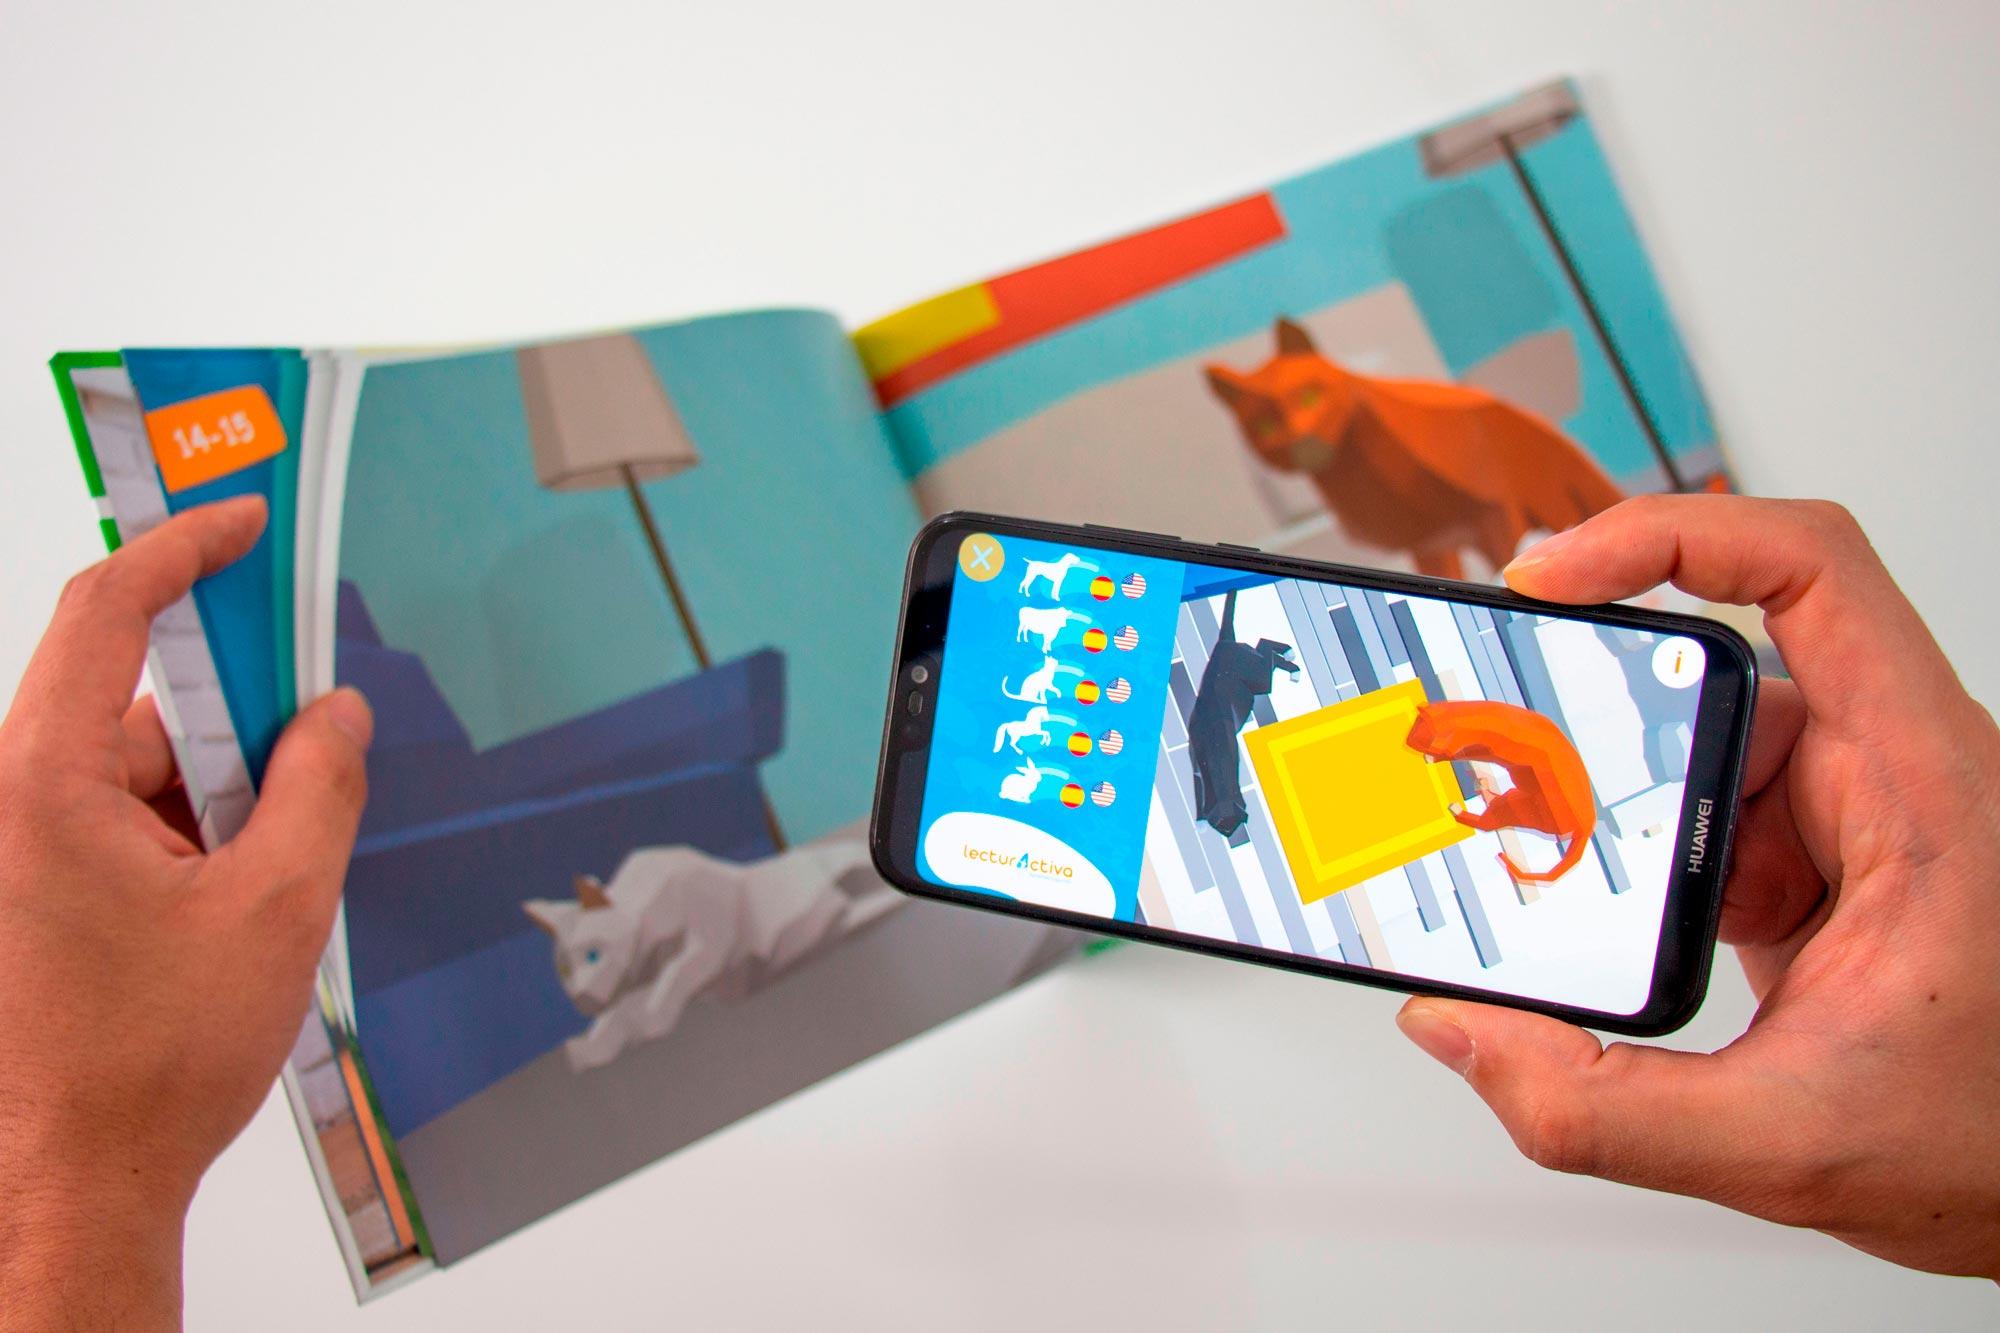 libros-interactivos-bilingues-para-niños-y-jovenes-0067